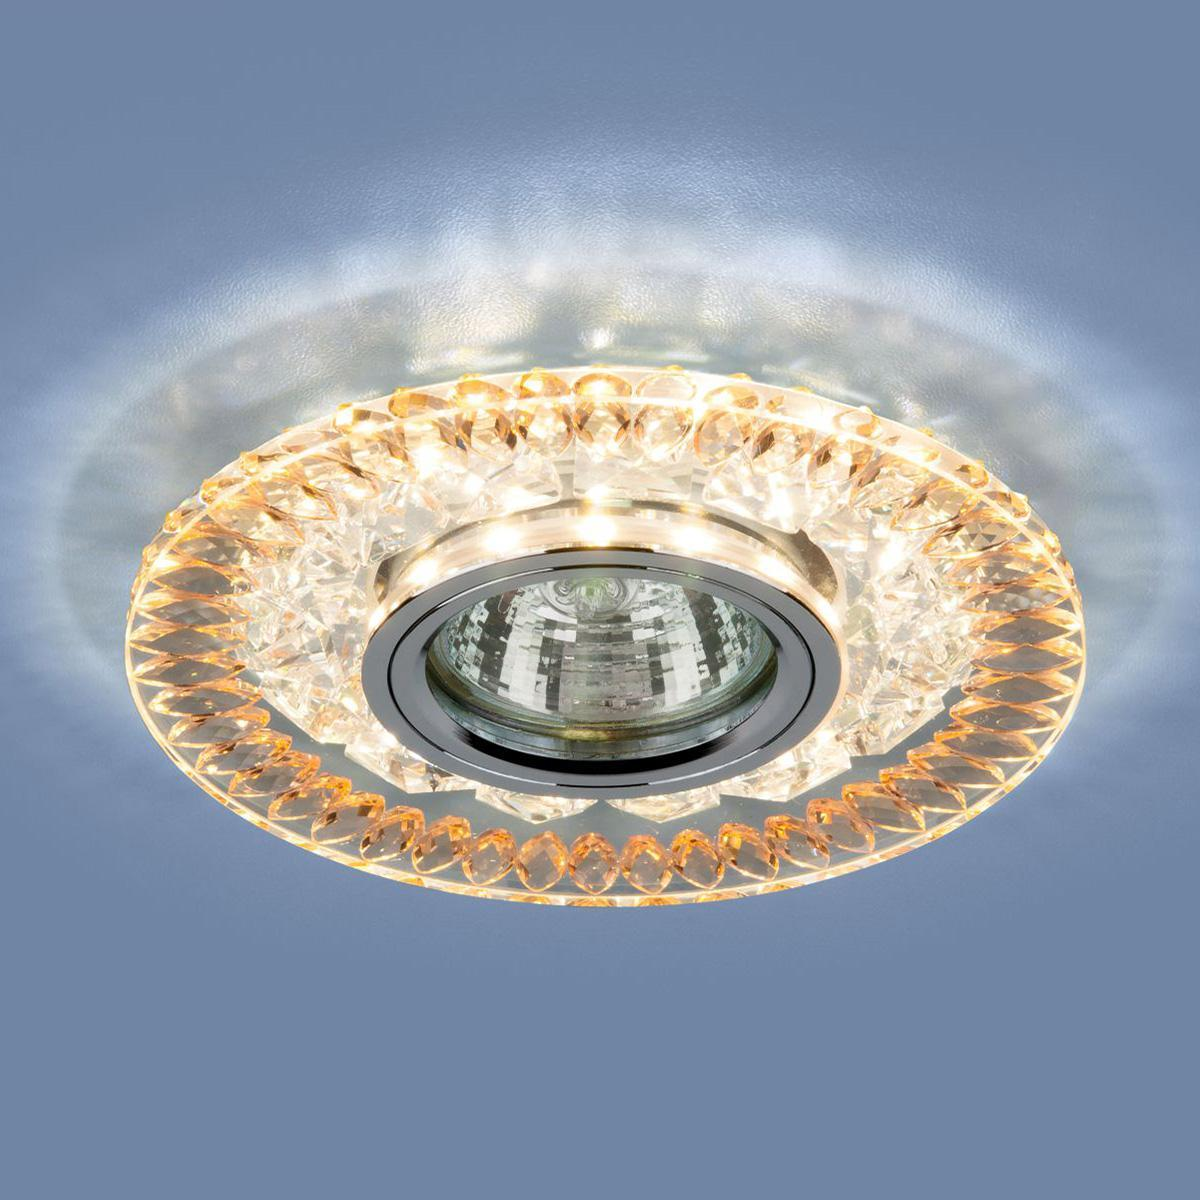 Встраиваемый светильник Elektrostandard 2198 MR16 CL/GD прозрачный/золото 4690389101038 встраиваемый светильник elektrostandard 1063 gx53 gd cl золото прозрачный 4690389075674